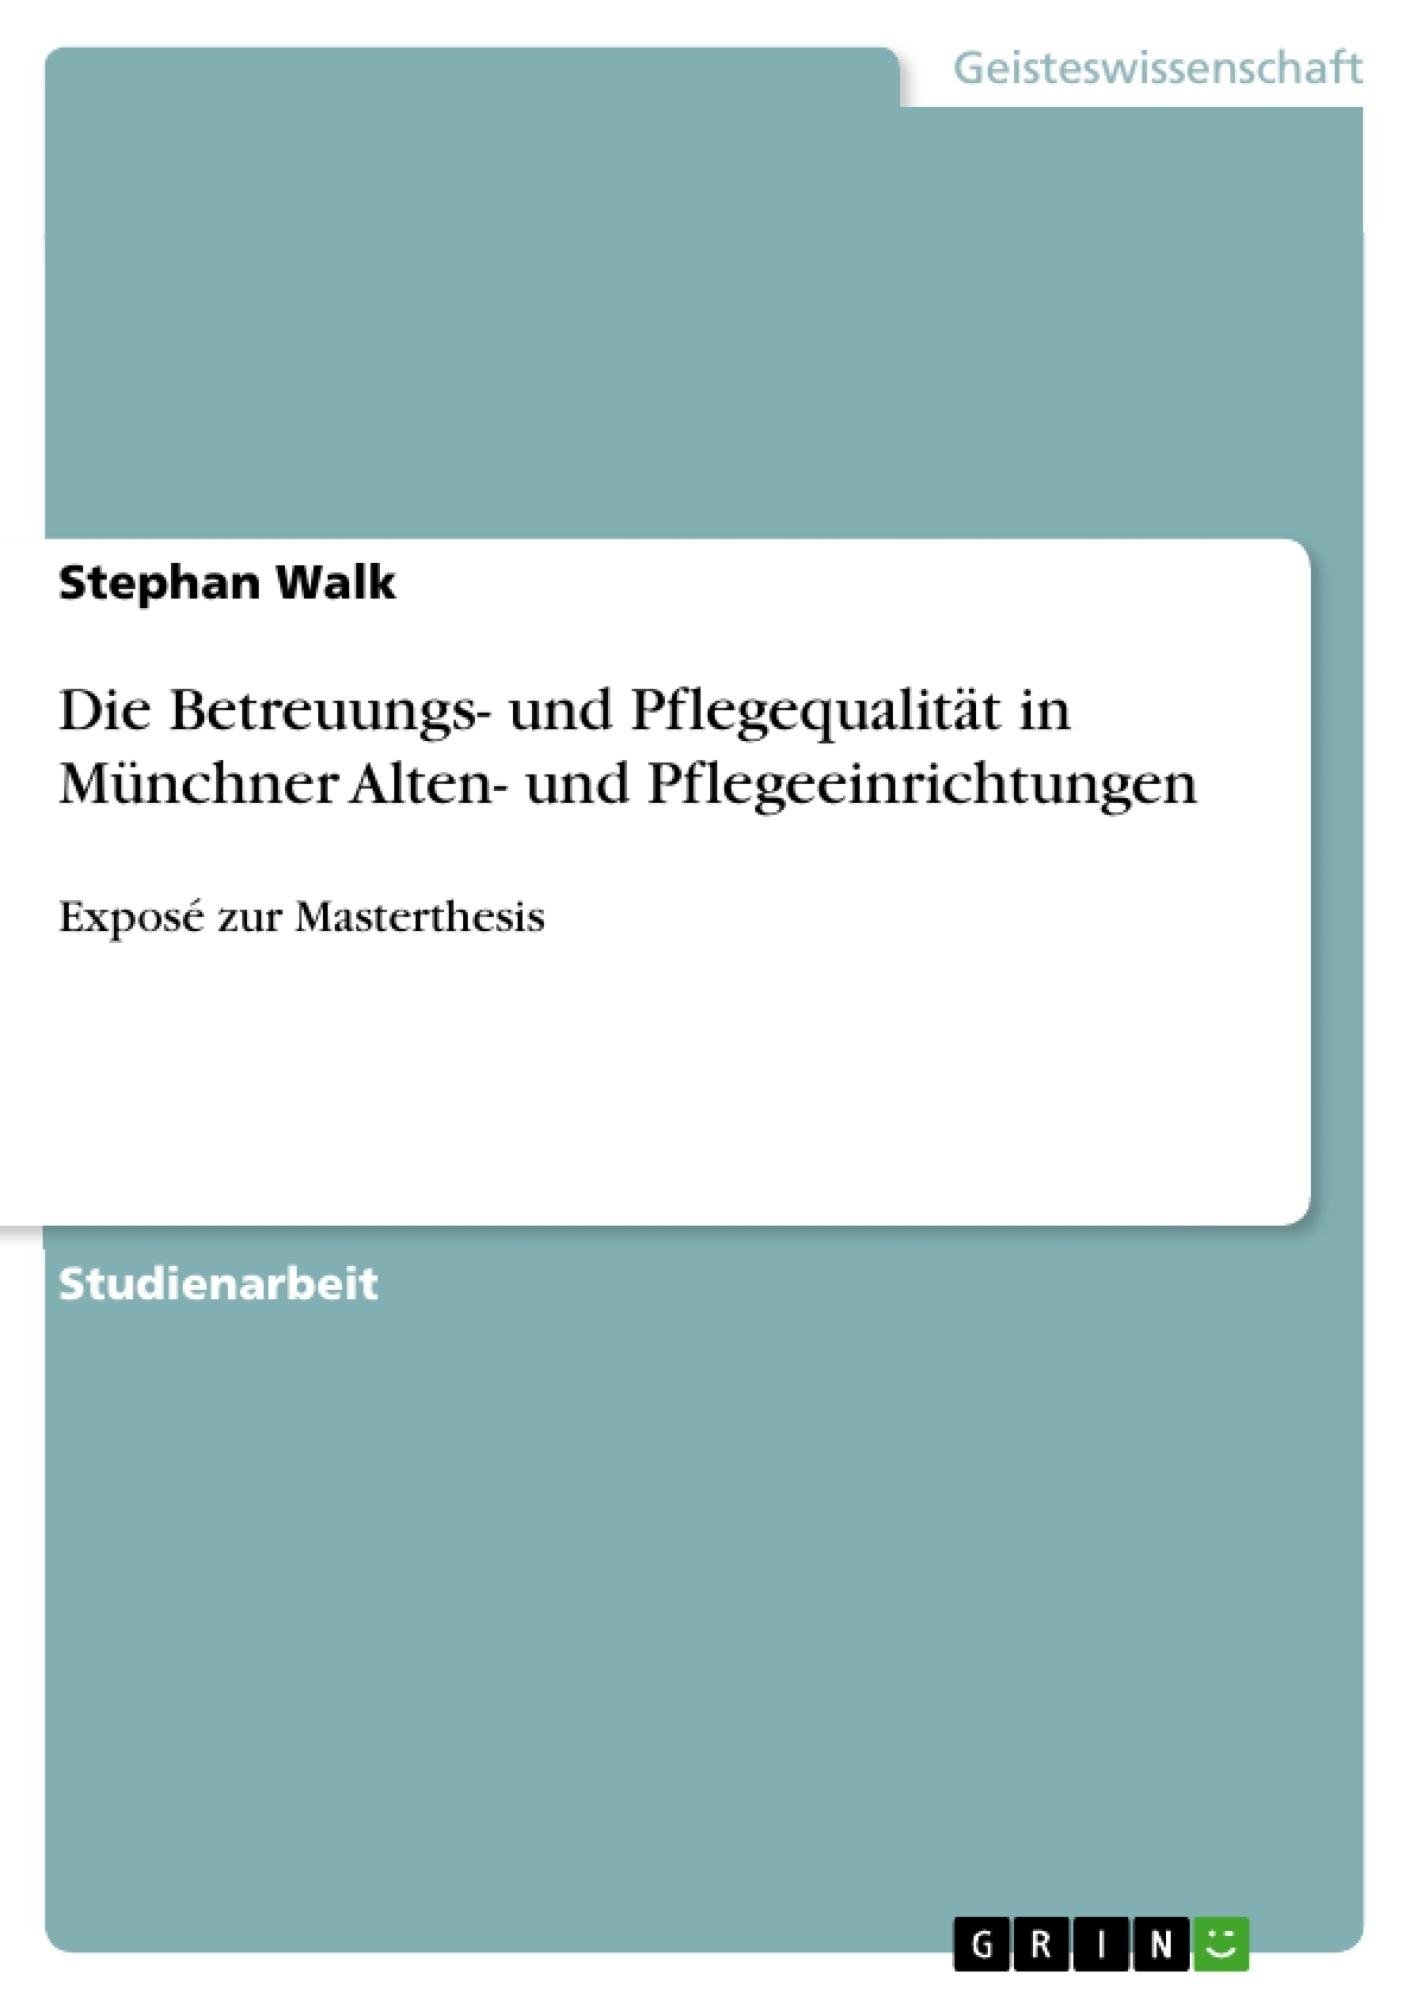 Titel: Die Betreuungs- und Pflegequalität in Münchner Alten- und Pflegeeinrichtungen